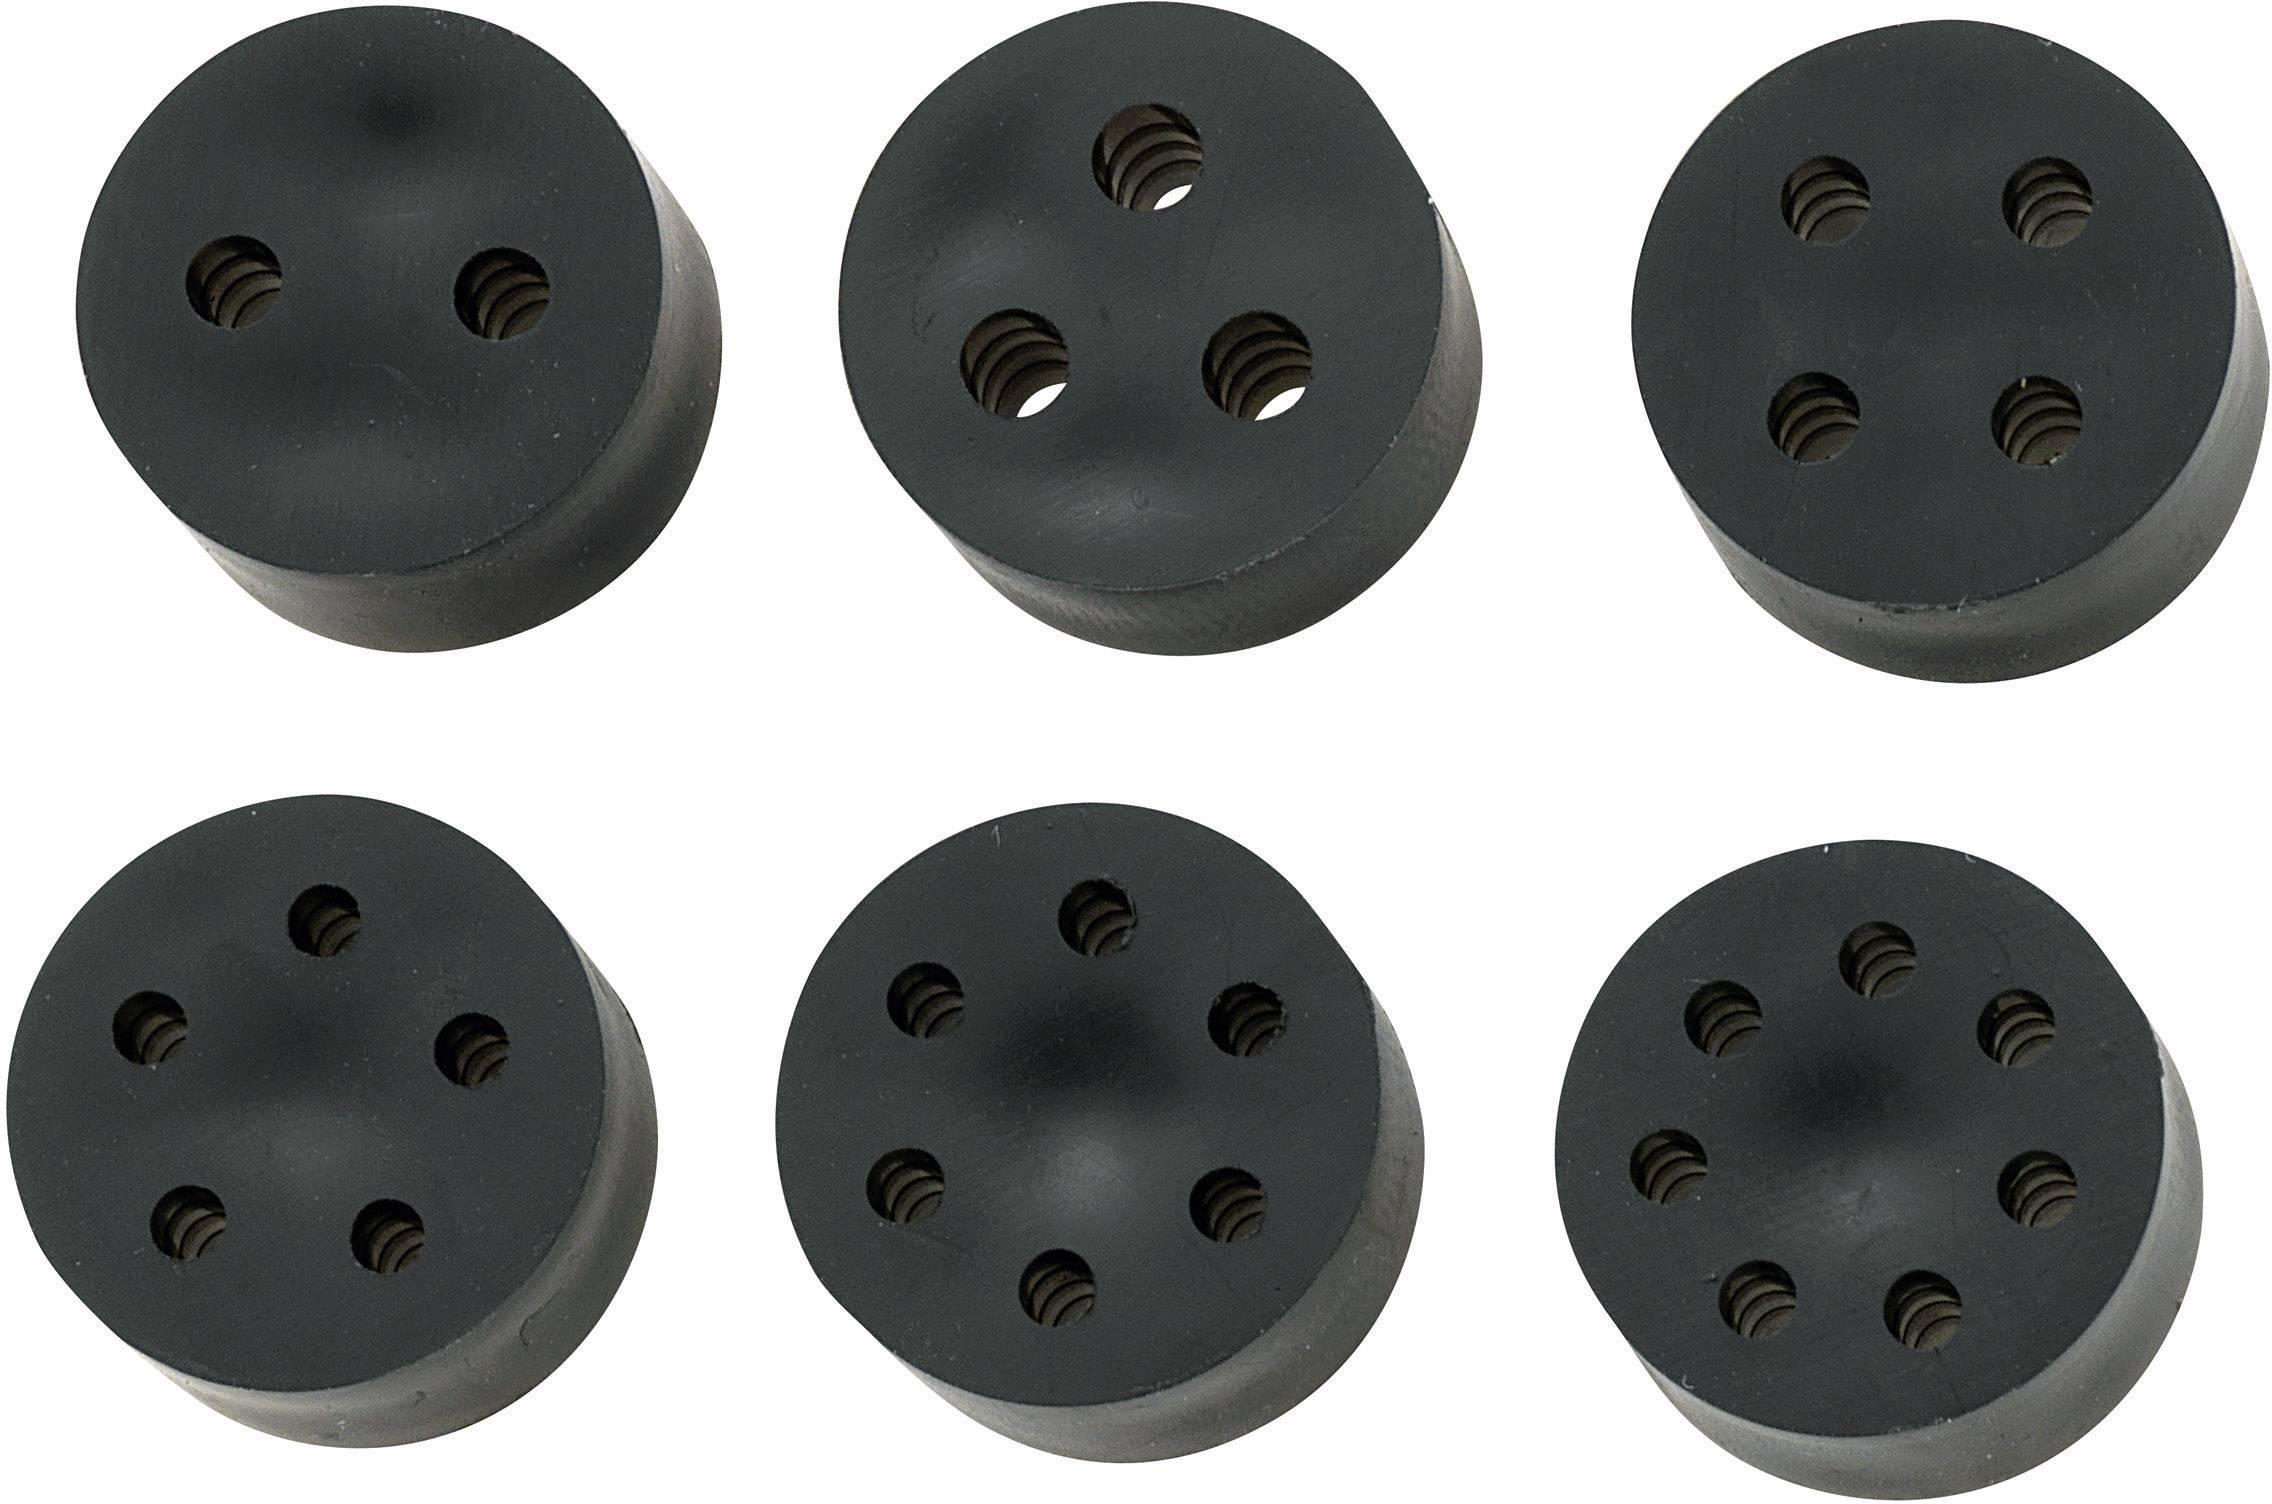 Tesniaca vložka s viacerými priechodmi KSS MH23-3B, M25, guma, 1 ks